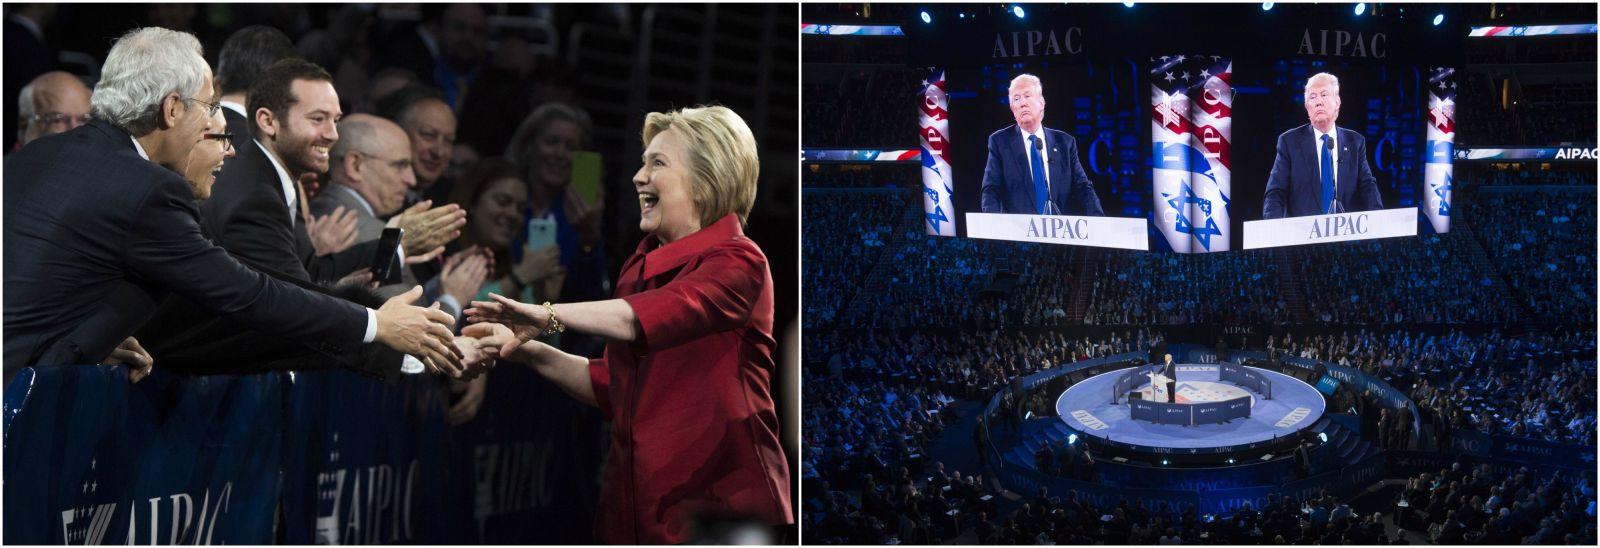 مرشحا الحزبين الأكبرين، كلينتون وترامب، في مؤتمر إيباك السنوي (أ ب)